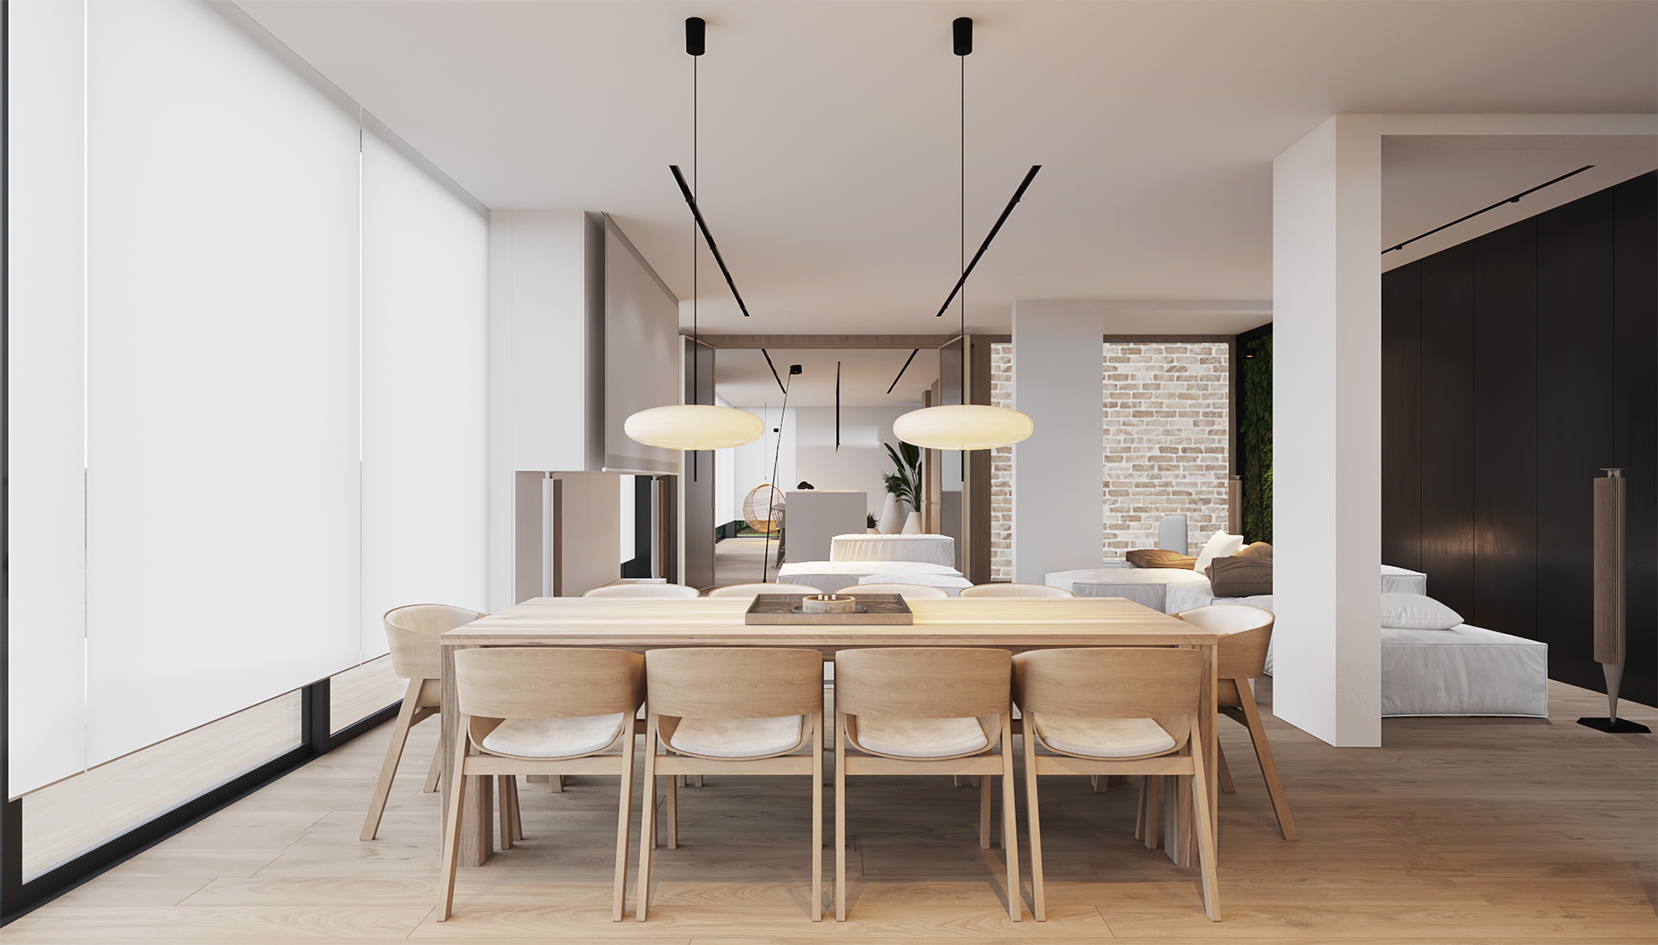 wnętrze jadalni minimalistyczne japandi Vastu shastra projektowanie wnętrz